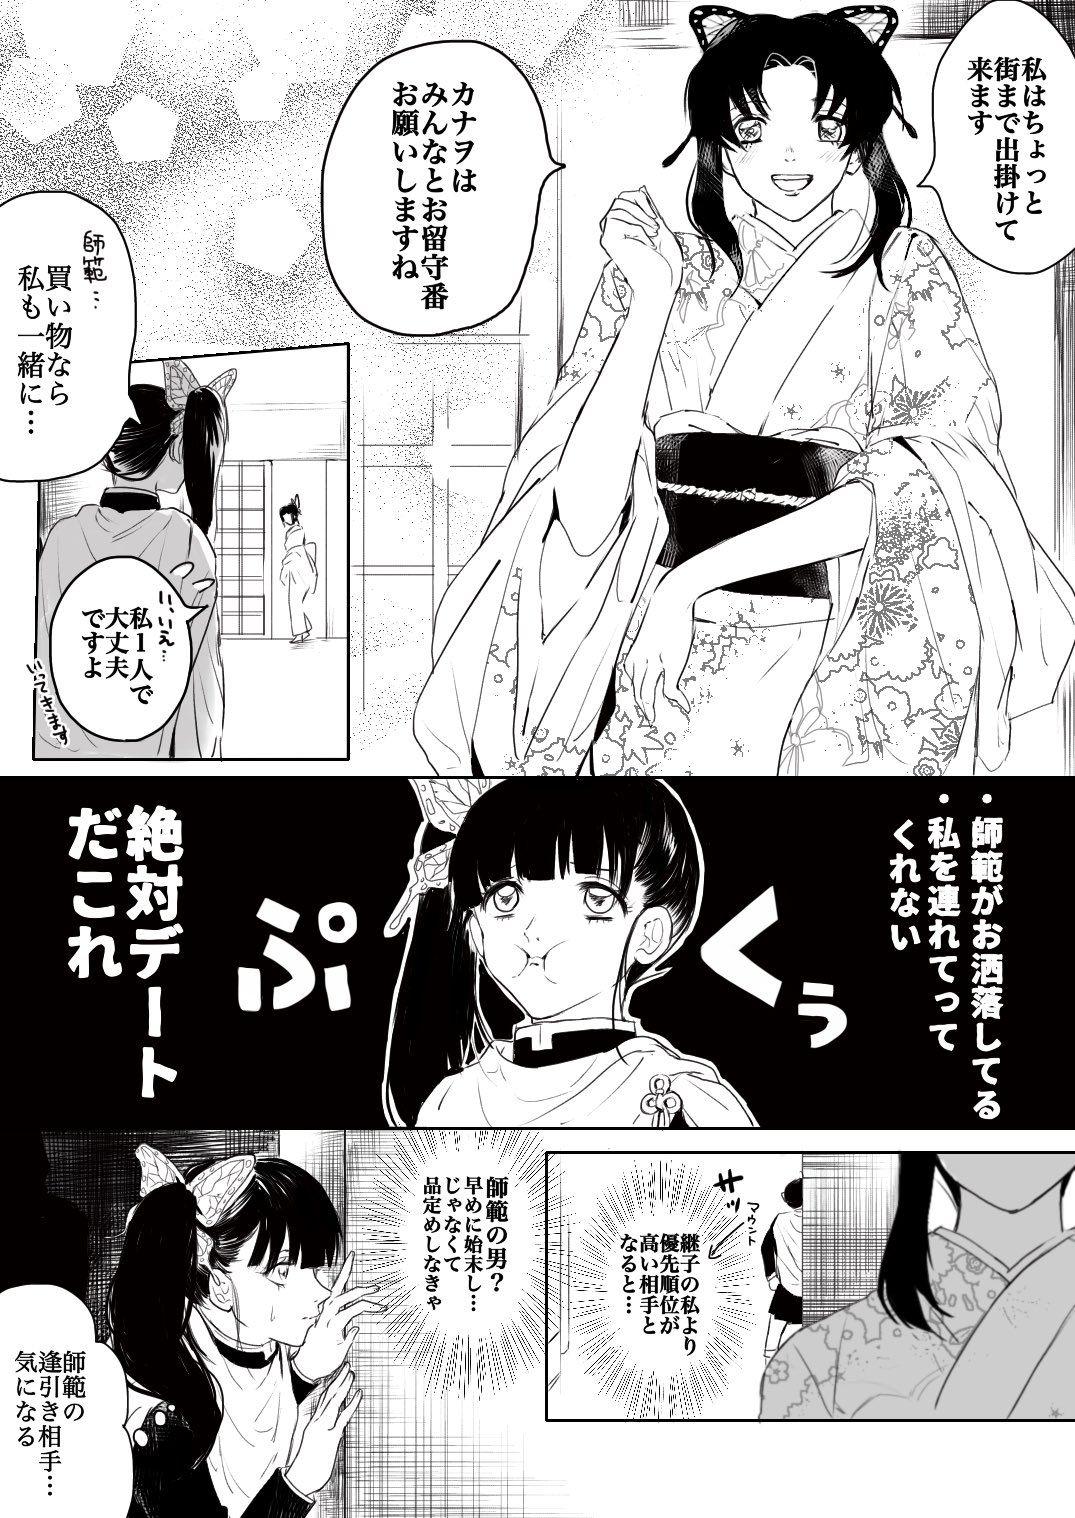 魅葱詩(みねぎし) on【2020】(画像あり) 漫画, 滅, 杉尾